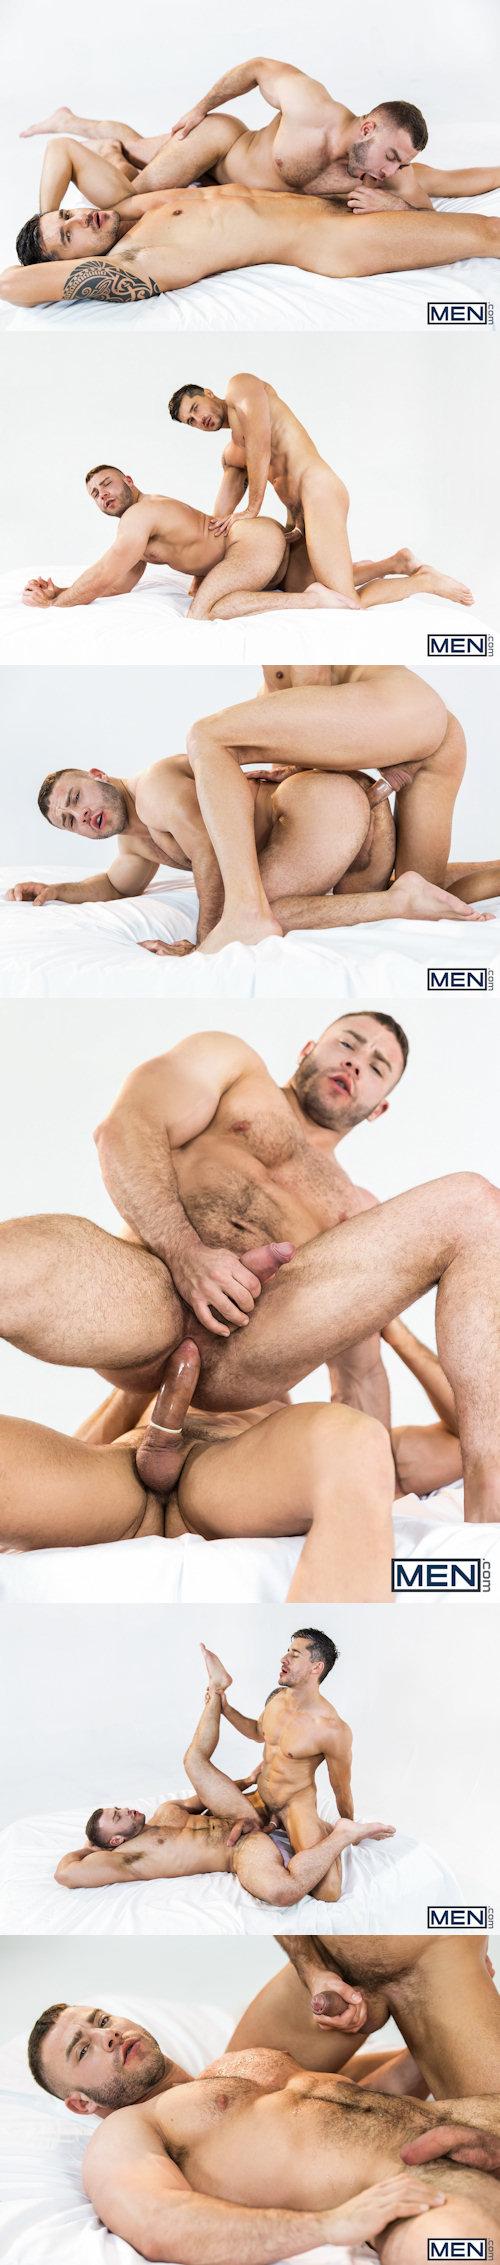 men-jay-roberts-diego-reyes-2.jpg